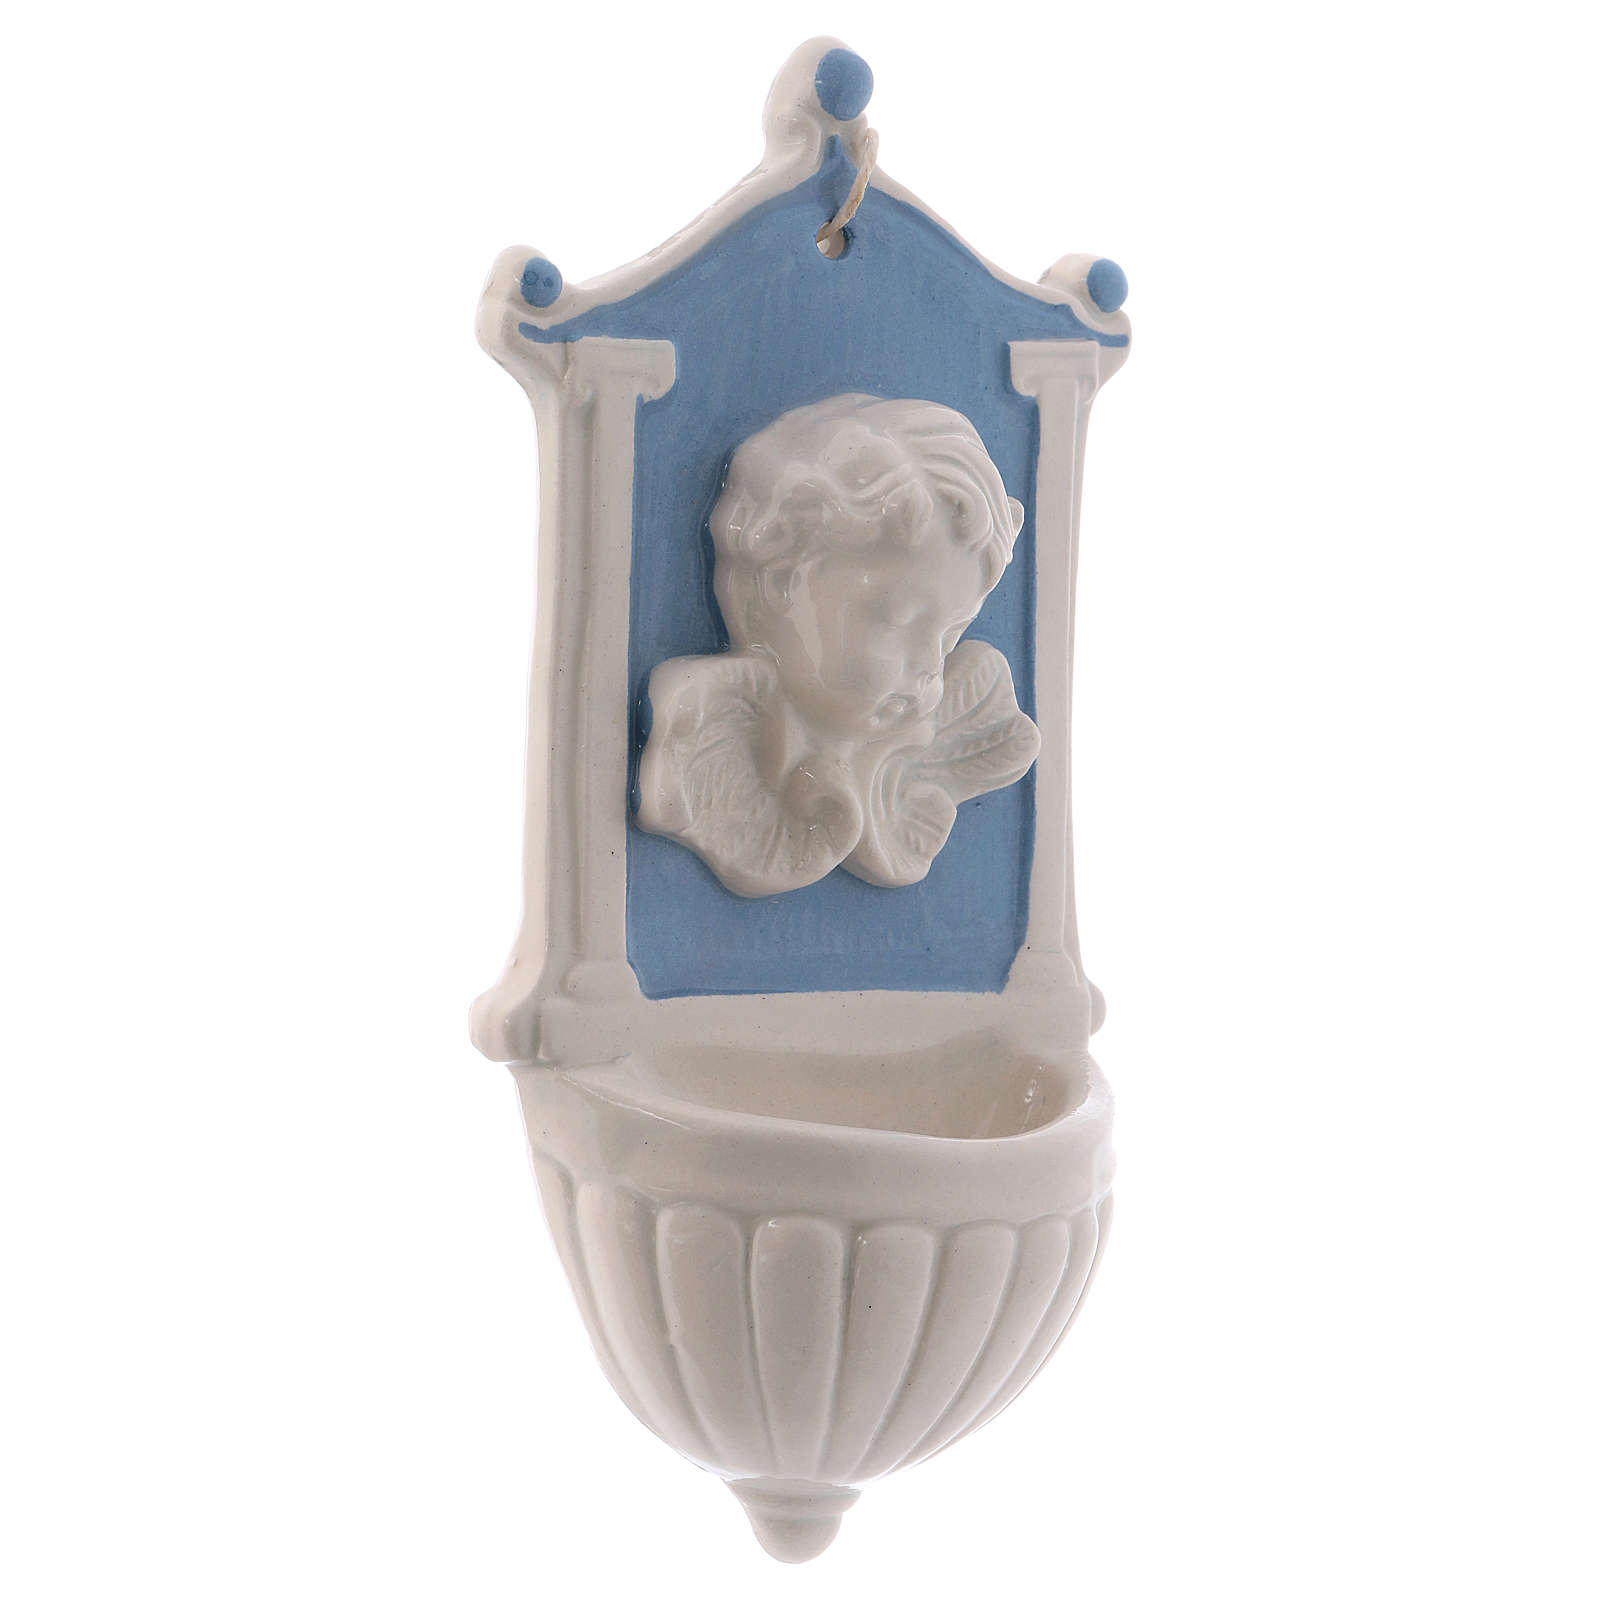 Pila angelito fondo azul columnas al lado 15x10x5 cm cerámica Deruta 4